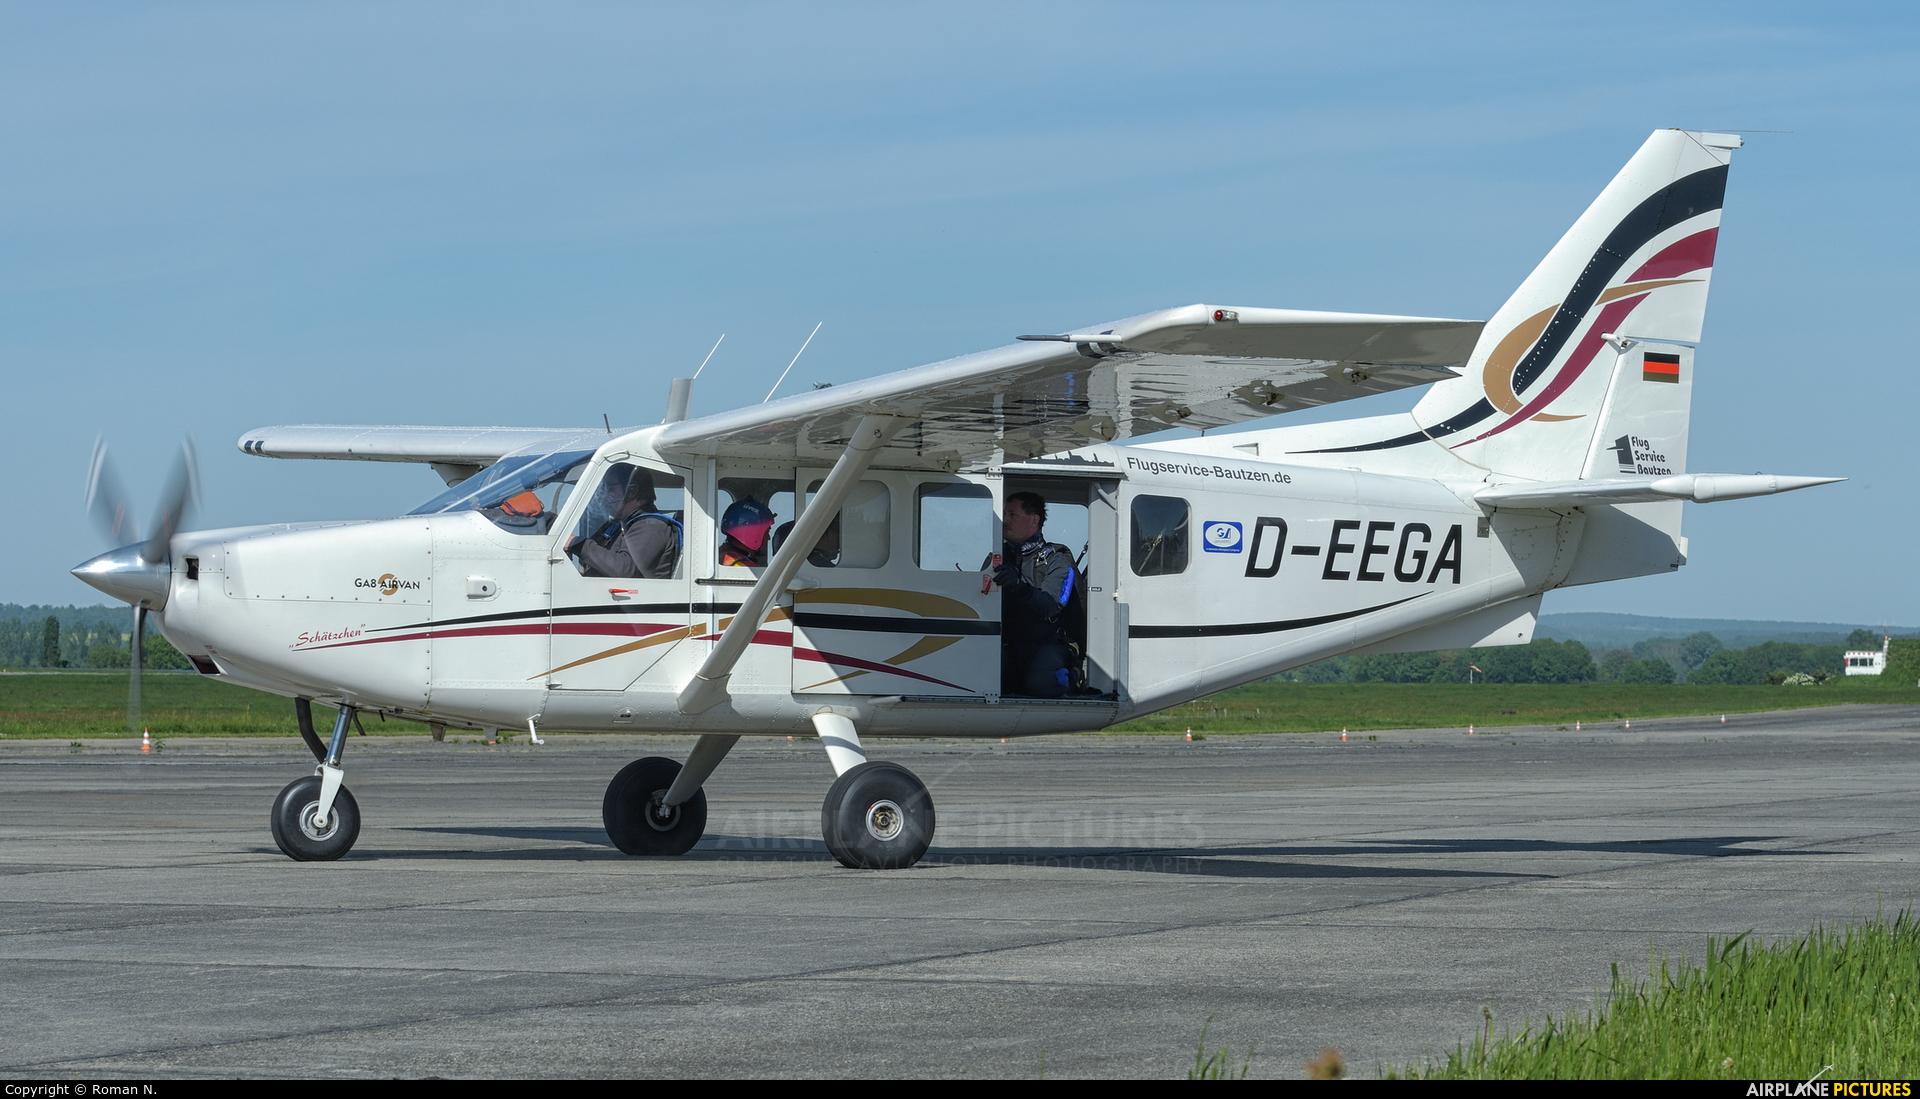 Private D-EEGA aircraft at Bautzen